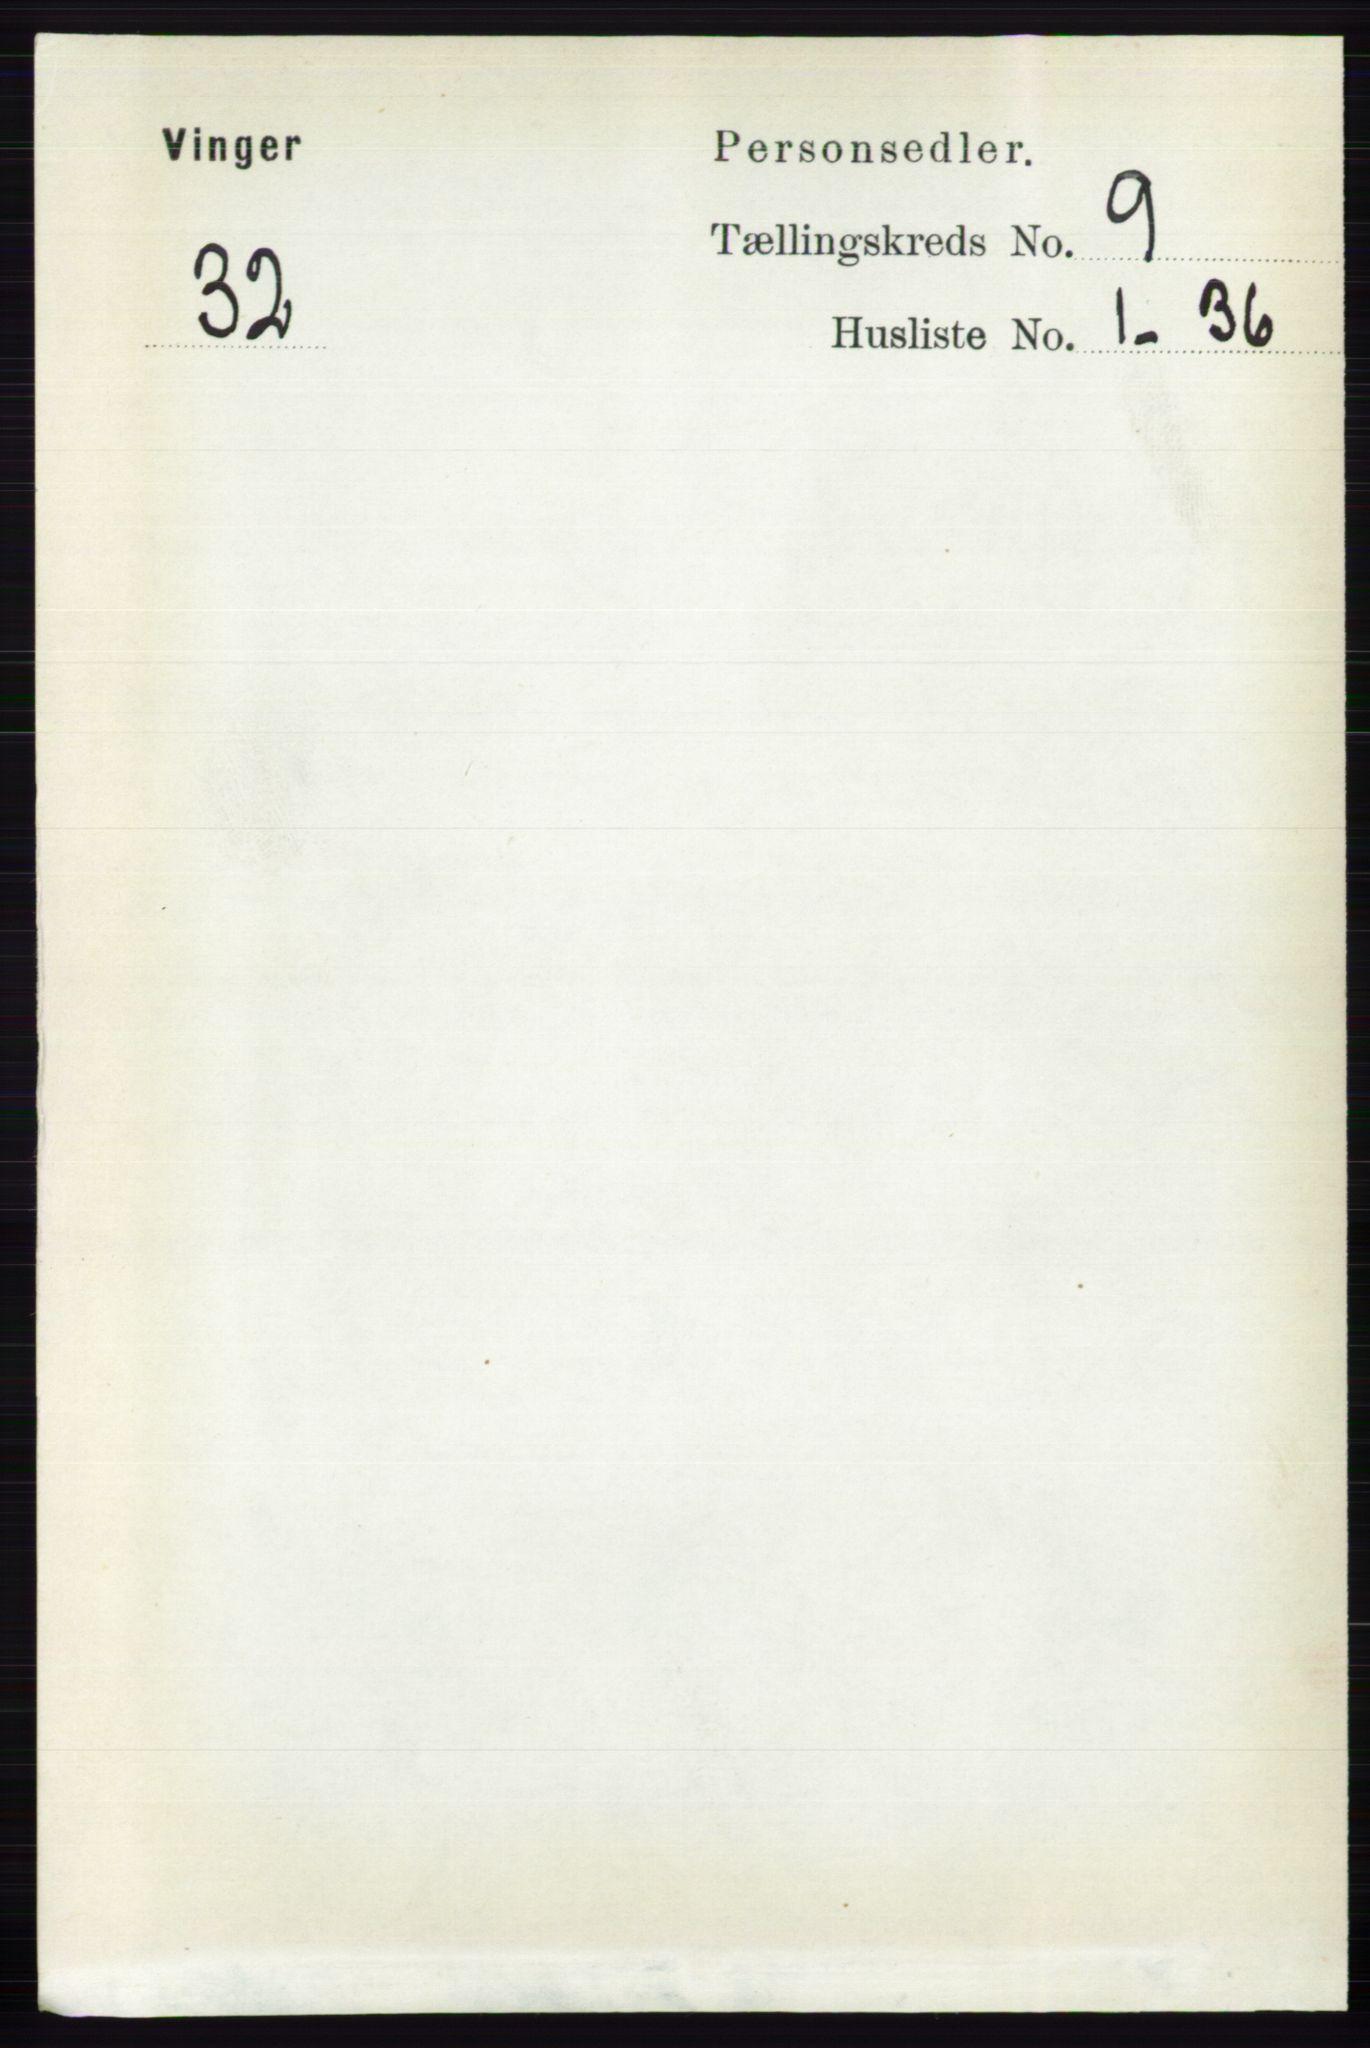 RA, Folketelling 1891 for 0421 Vinger herred, 1891, s. 4362